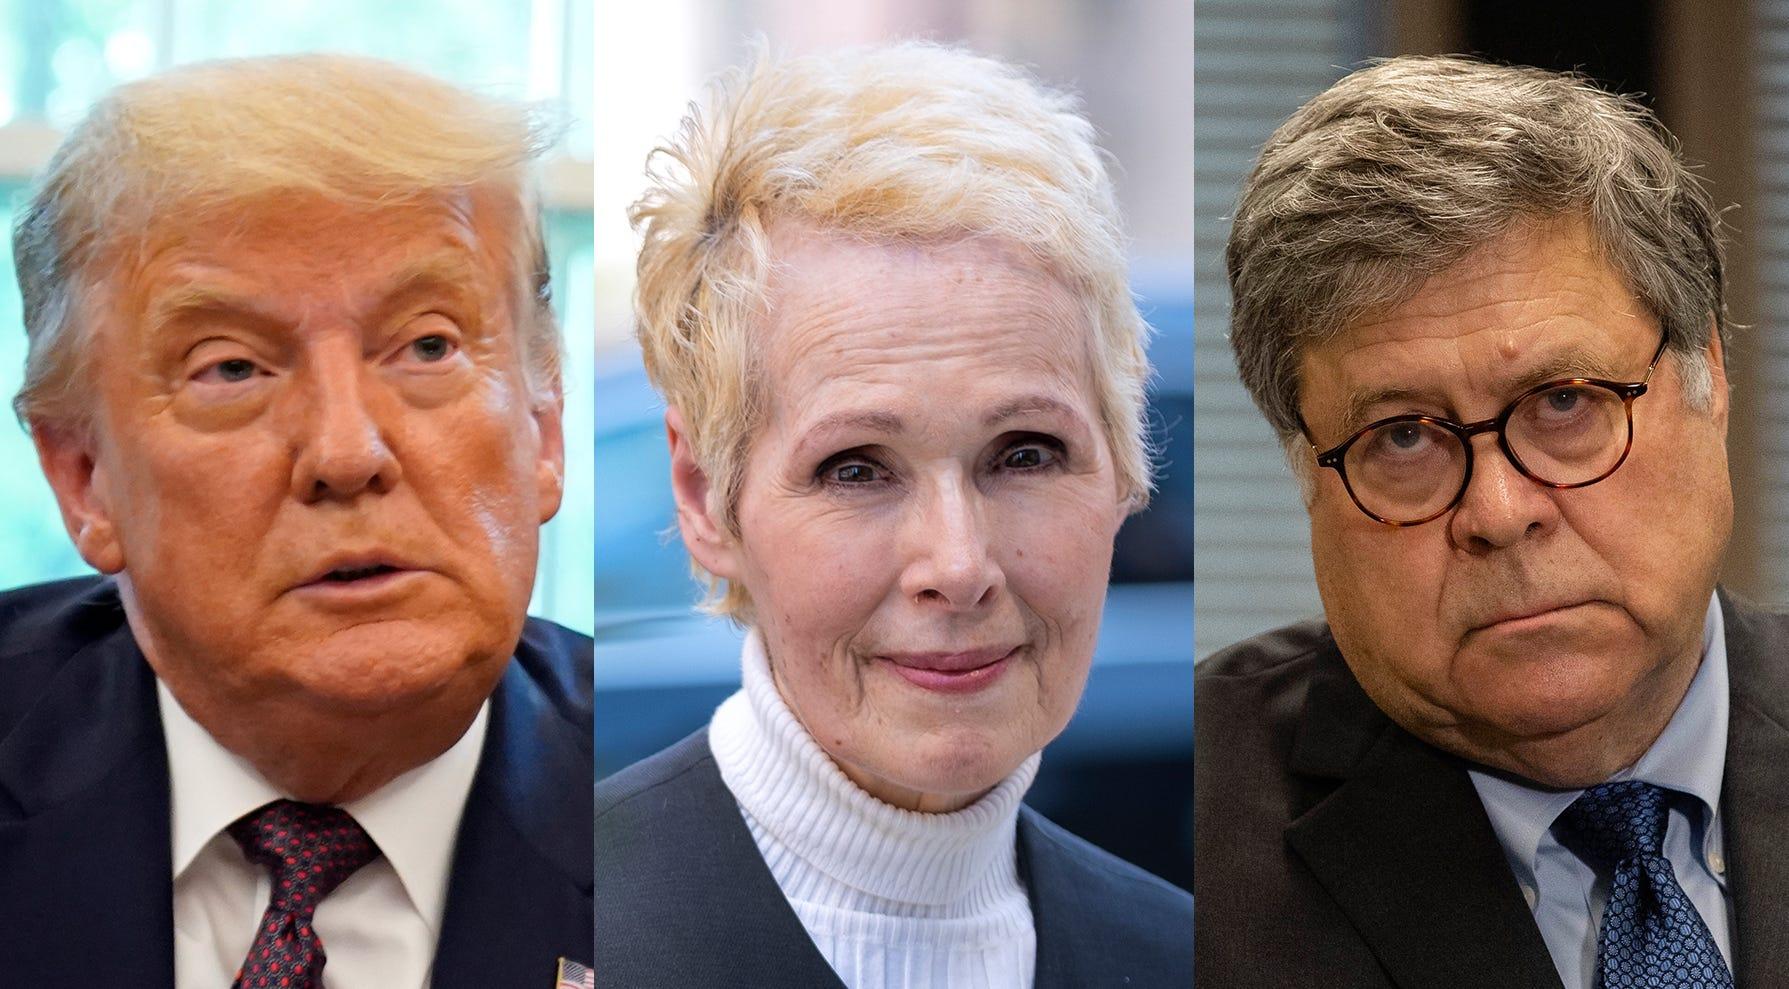 President Donald Trump, E. Jean Carroll and Attorney General William Barr